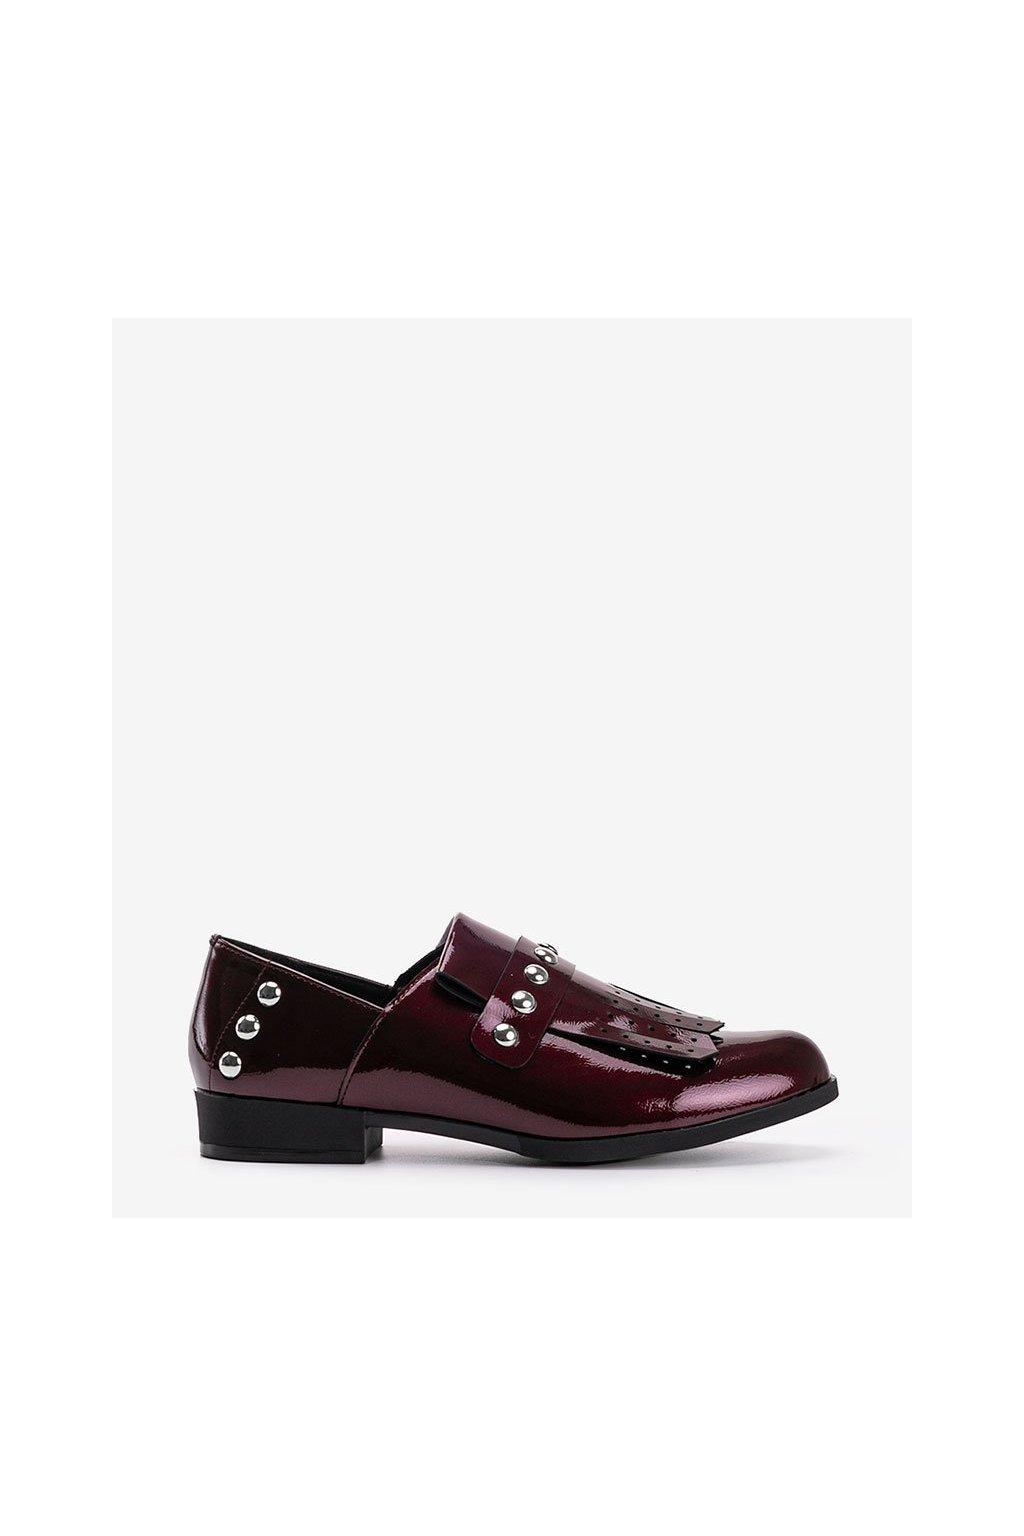 Dámske topánky mokasíny červené kód C18-6266 - GM